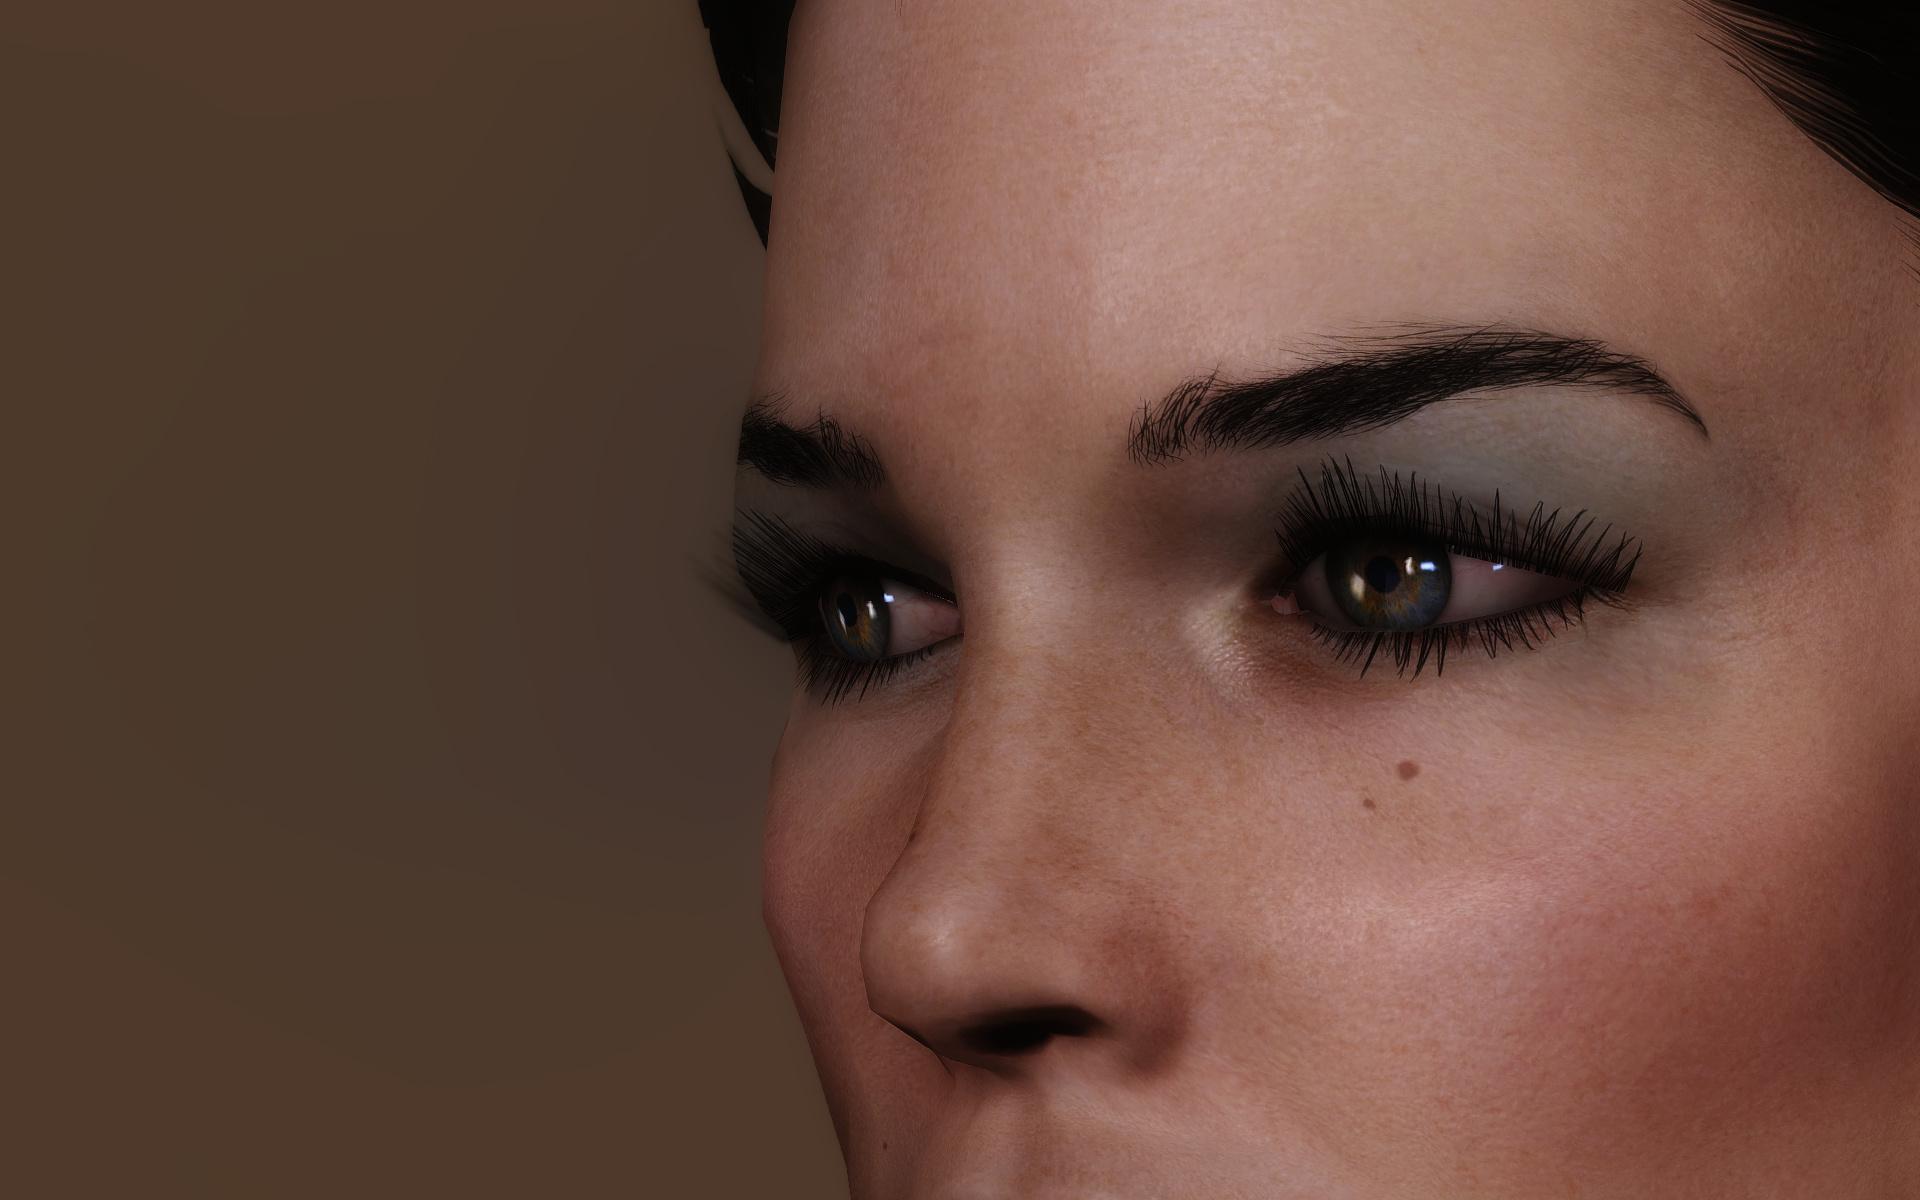 Maevan2's eye brows